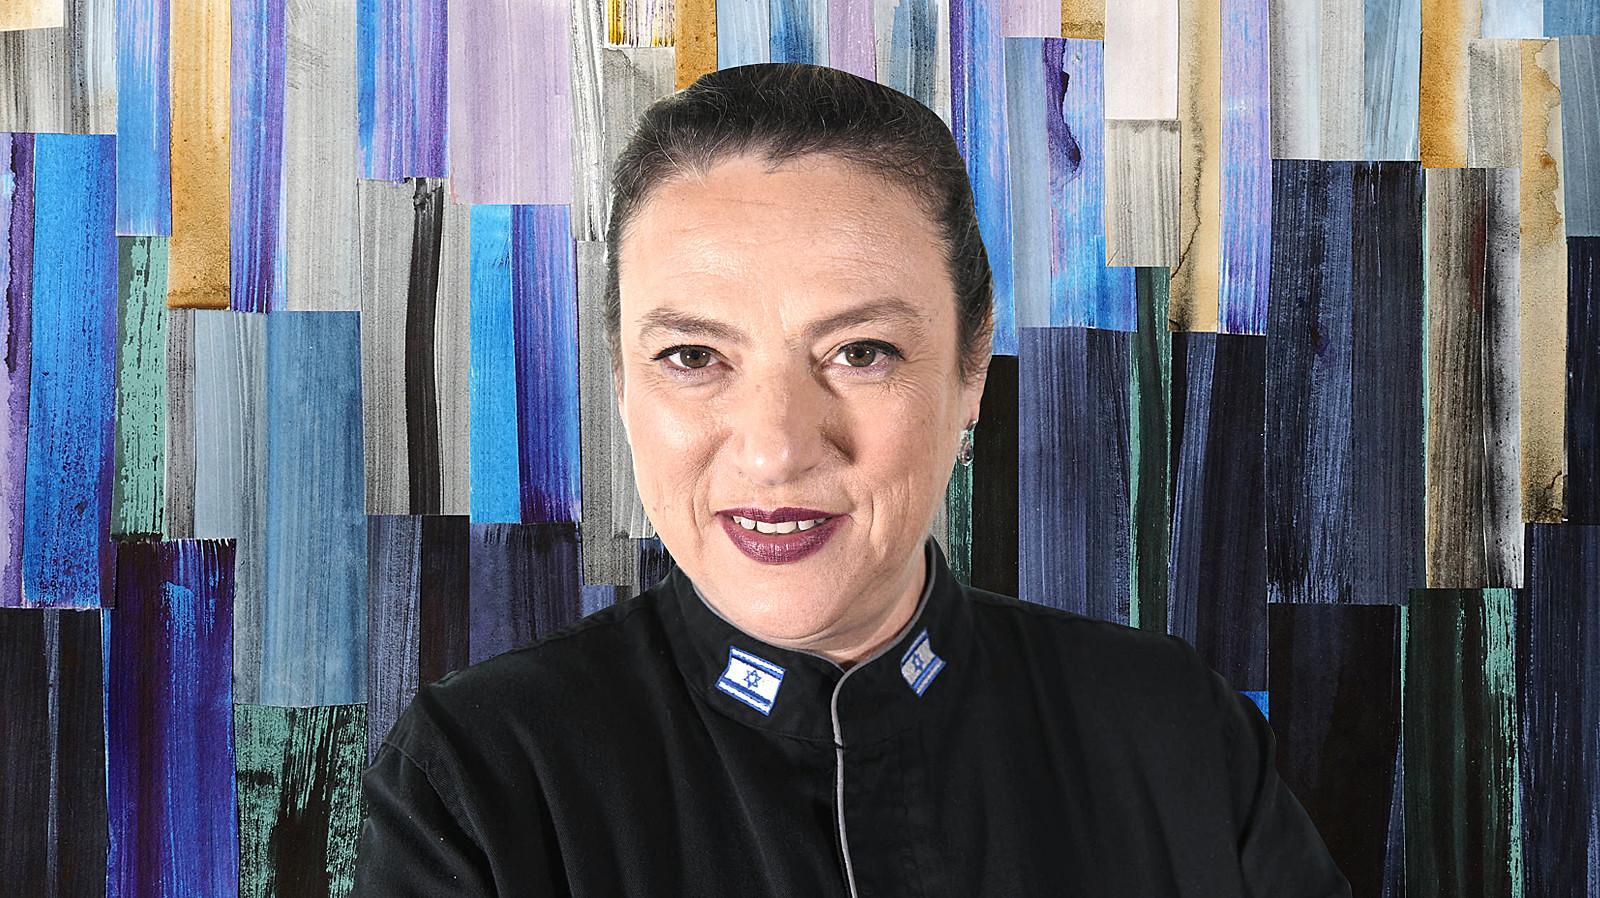 אסטלה מושקוביץ' בלפר, הקינוח המושלם. ראובן קסטרו